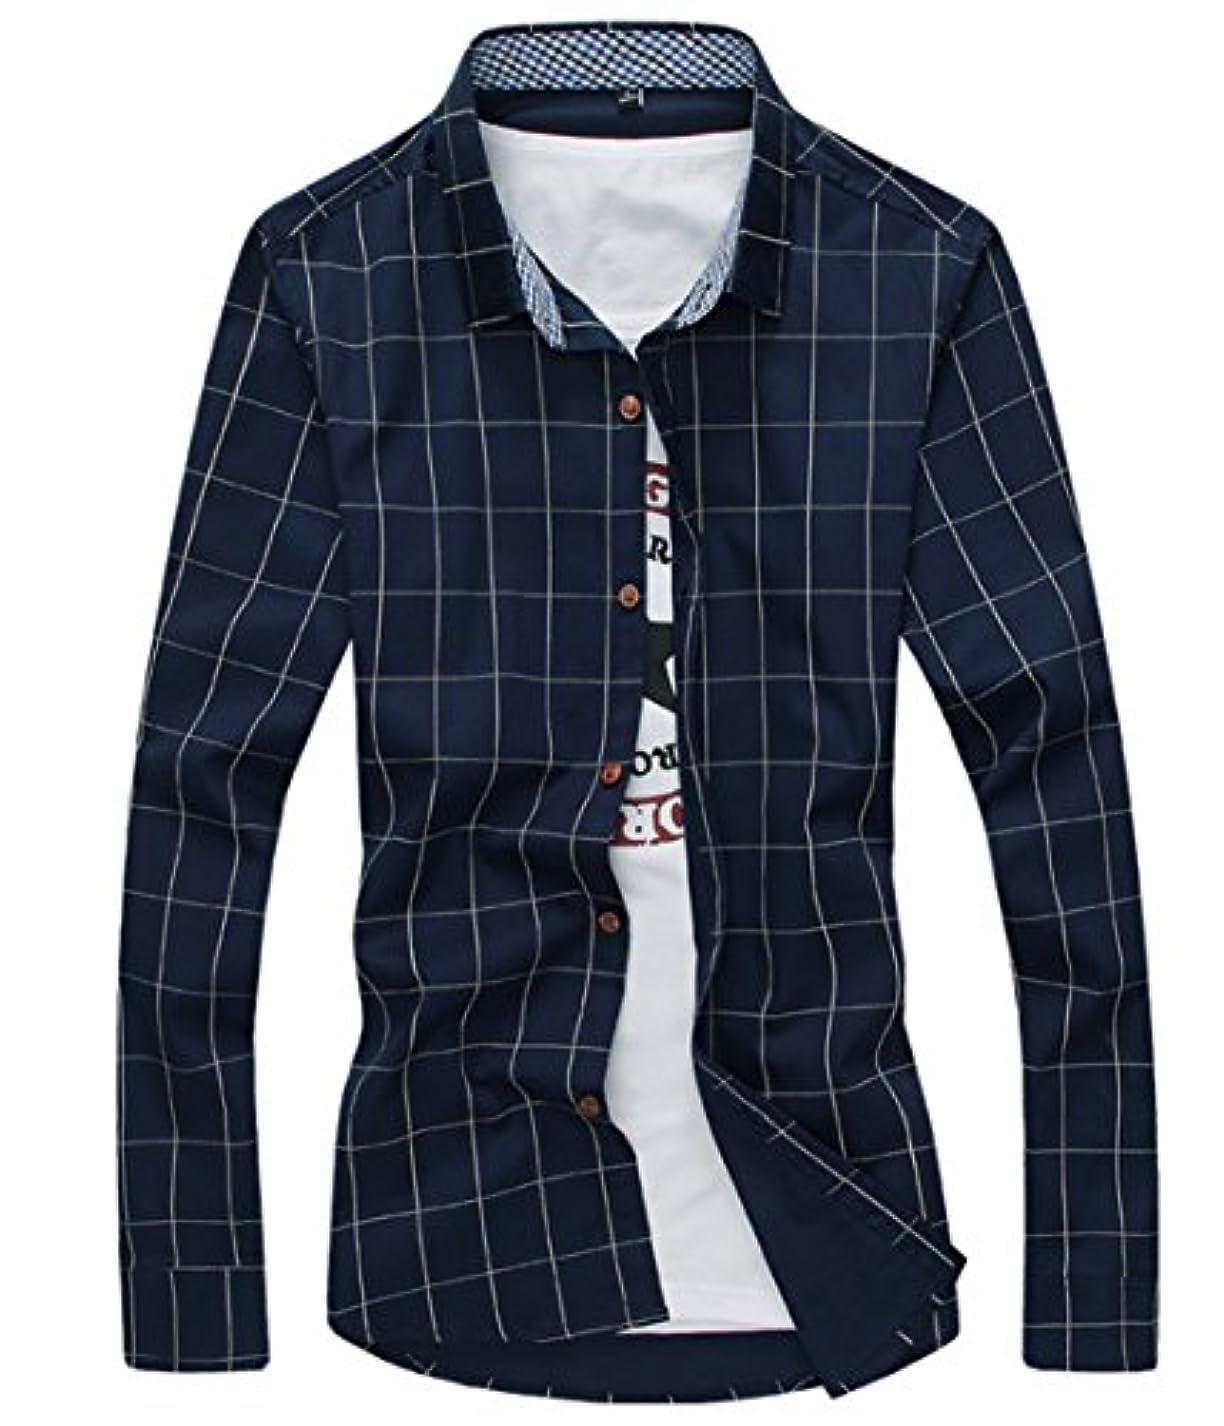 レコーダーマスタードほかに[スゴフィ]SGFY ドレスシャツ メンズ 長袖 スリム ビジネス カジュアル シンプル おしゃれ 襟付き カッターシャツ フィット チェック柄 (3XL, ネイビー)